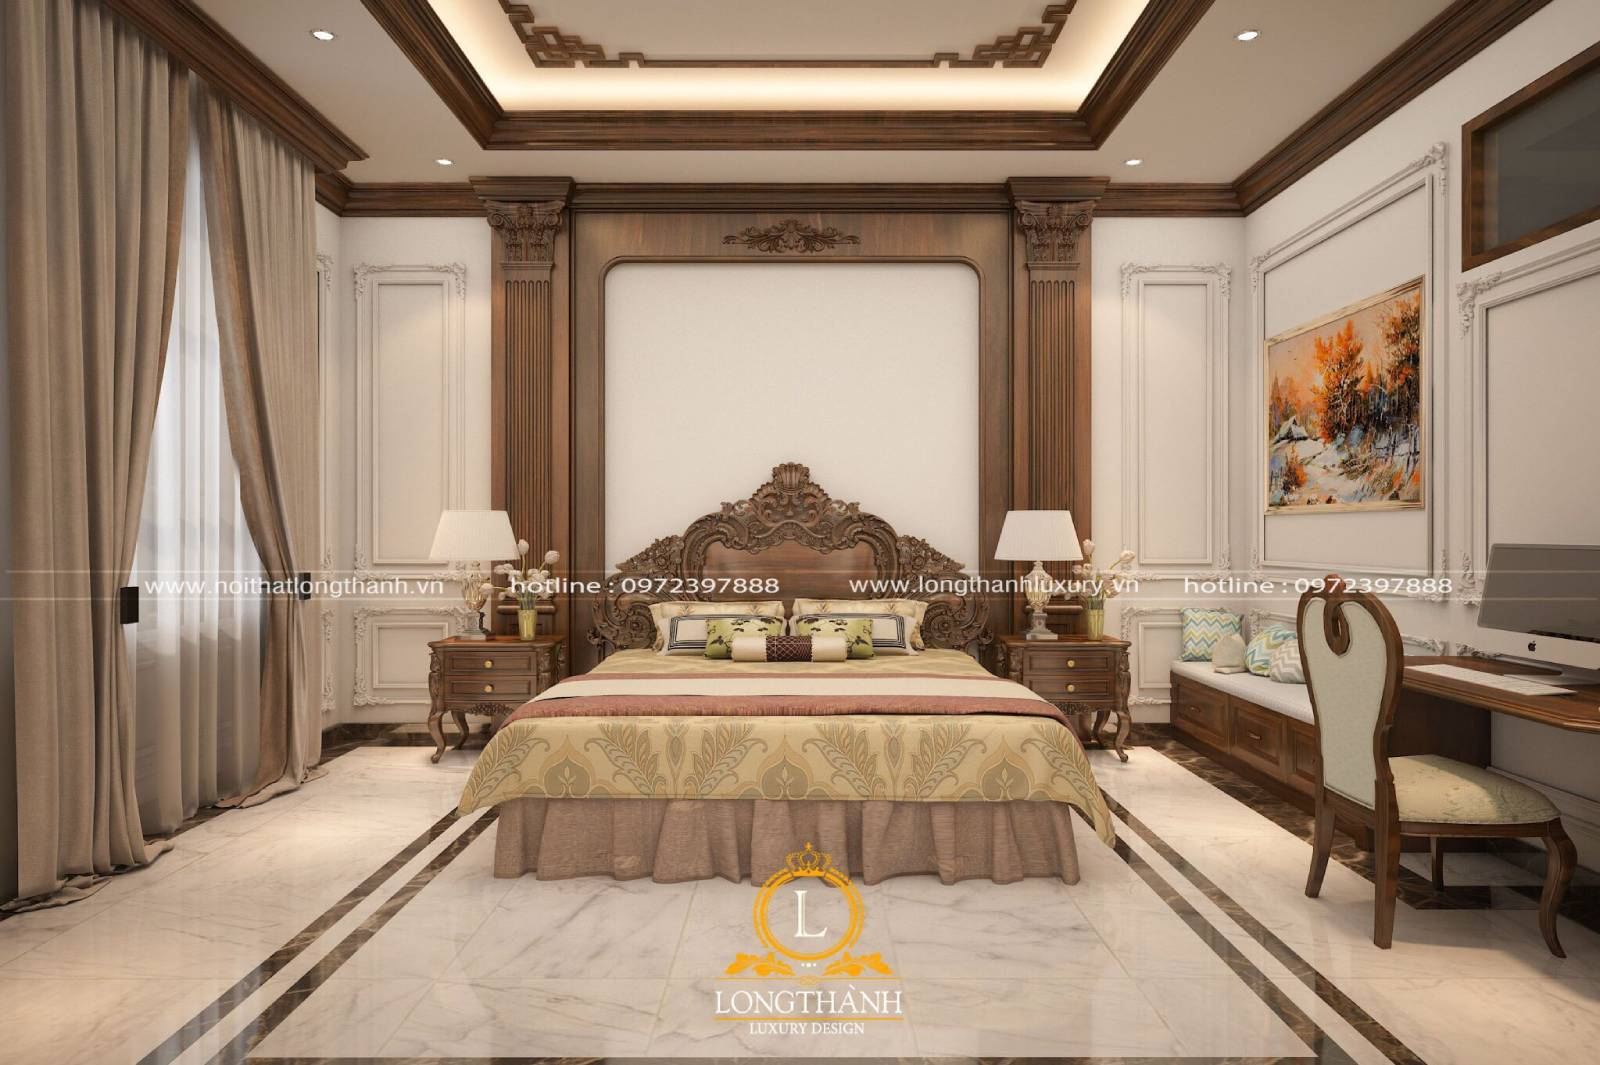 Không gian nào thích hợp nhất để sử dụng giường ngủ tân cổ điển